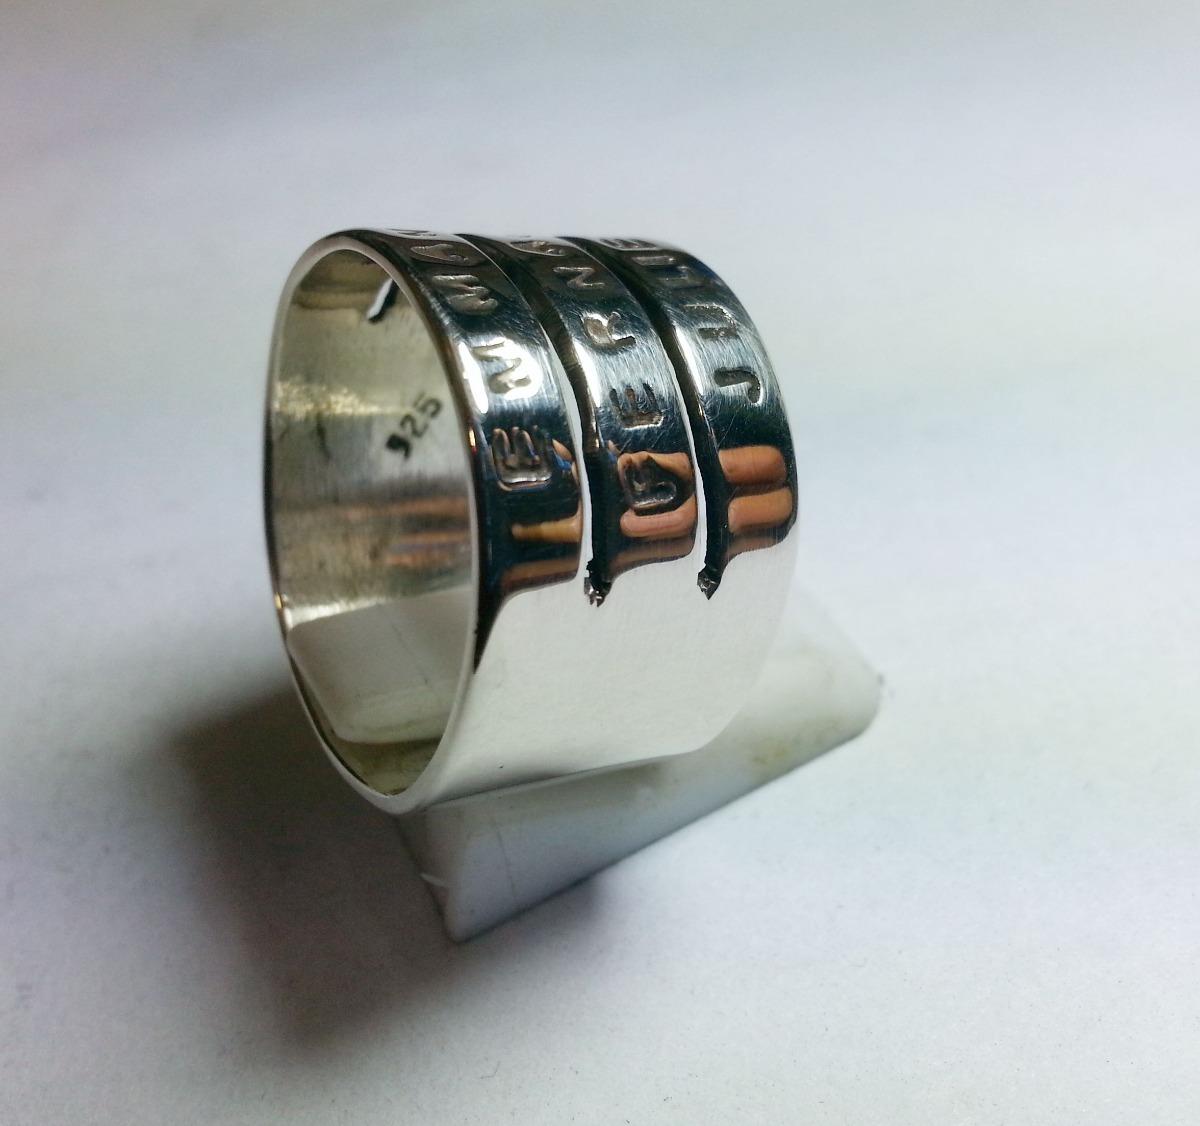 34e5aca20a76 anillo plata 3 nombres frases letras personalizado unico. Cargando zoom.